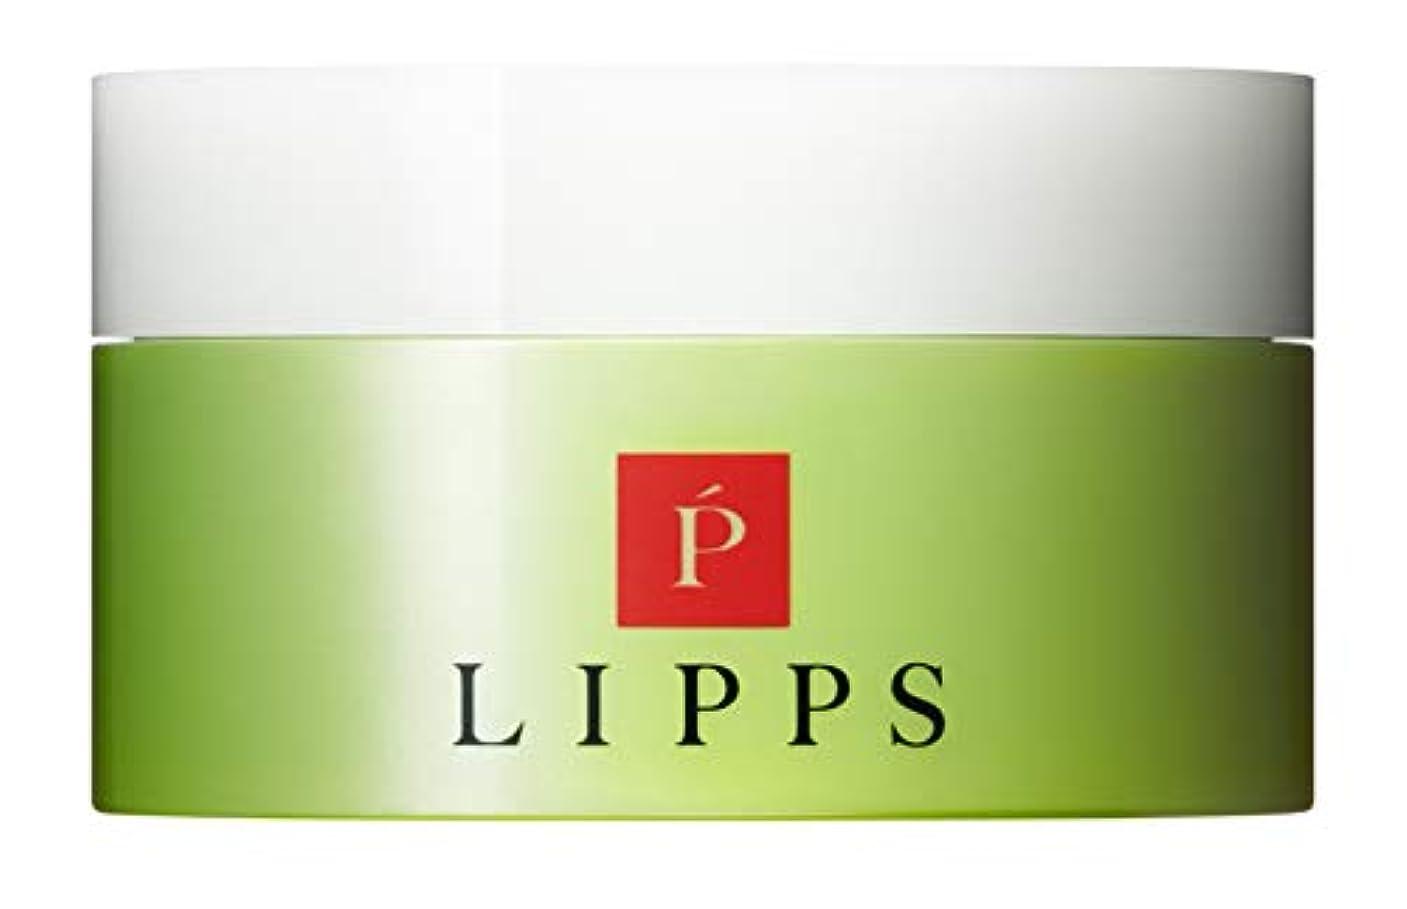 目の前の証言するフィットネス【エアリー×自然な束感】LIPPS L11ライトムーブワックス (85g)